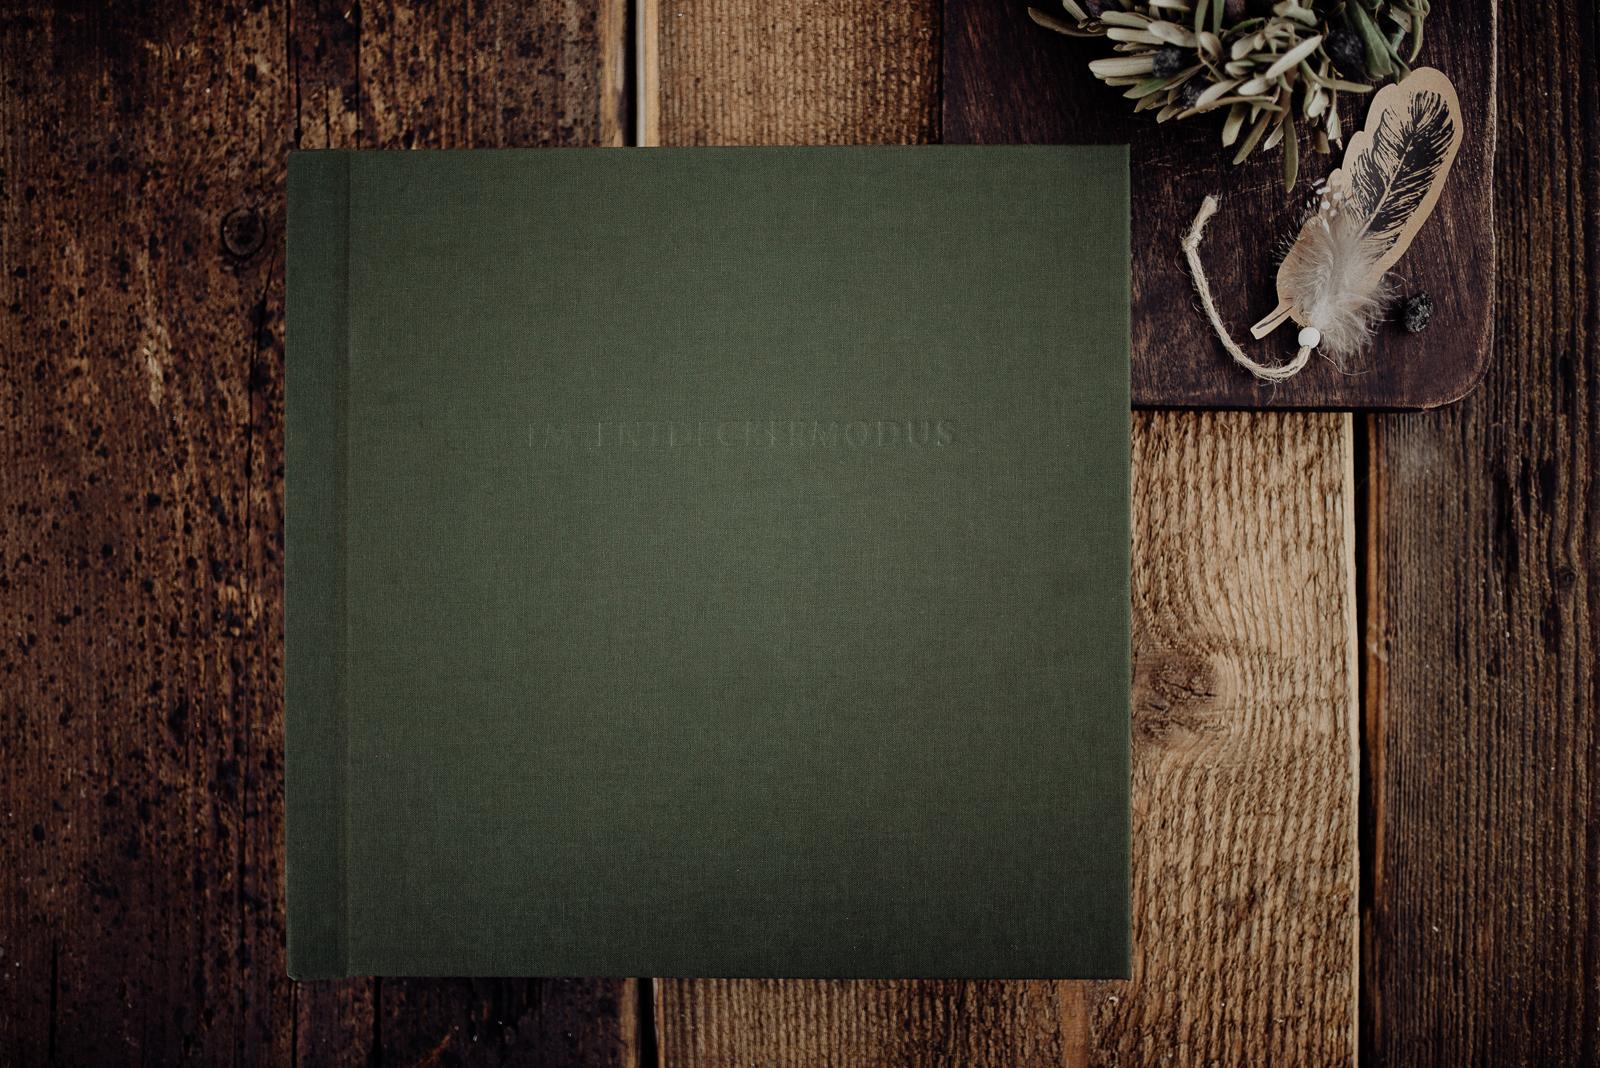 003-designparaplus-fotobuch-fotoalbum-fotografie-witten